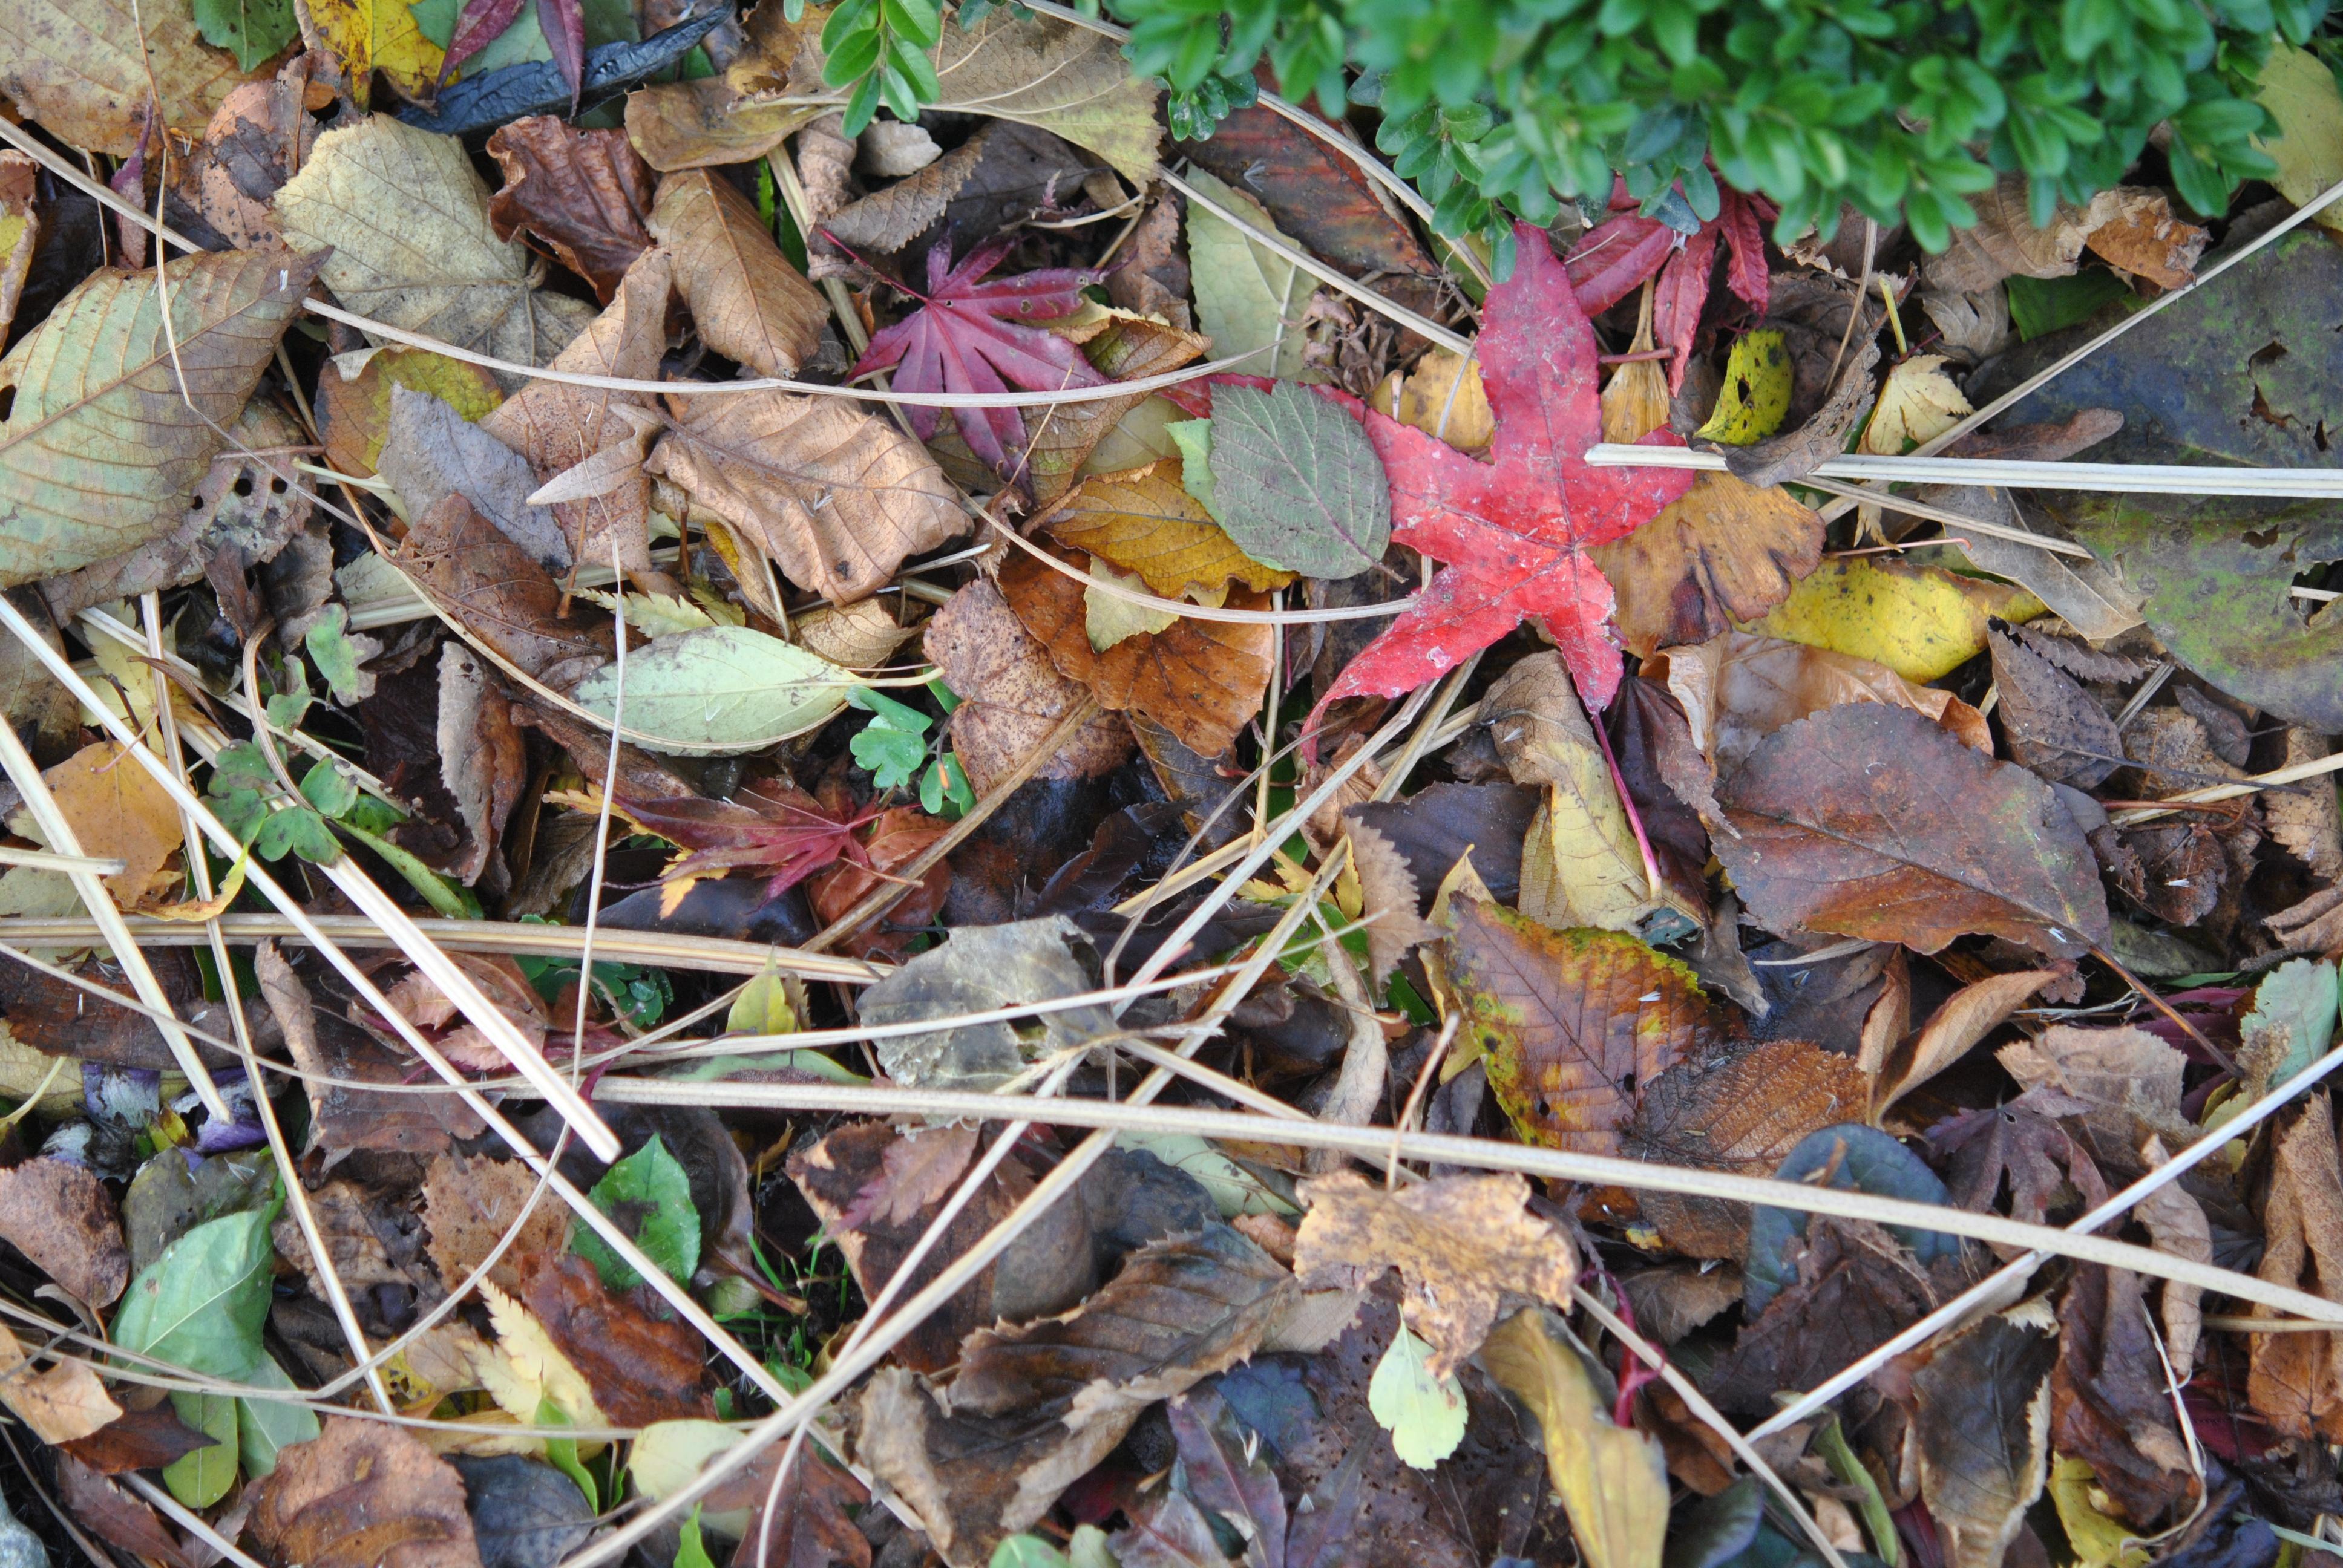 Compost De Feuilles D Érable les feuilles mortes, un trésor! - les jardins de malorie